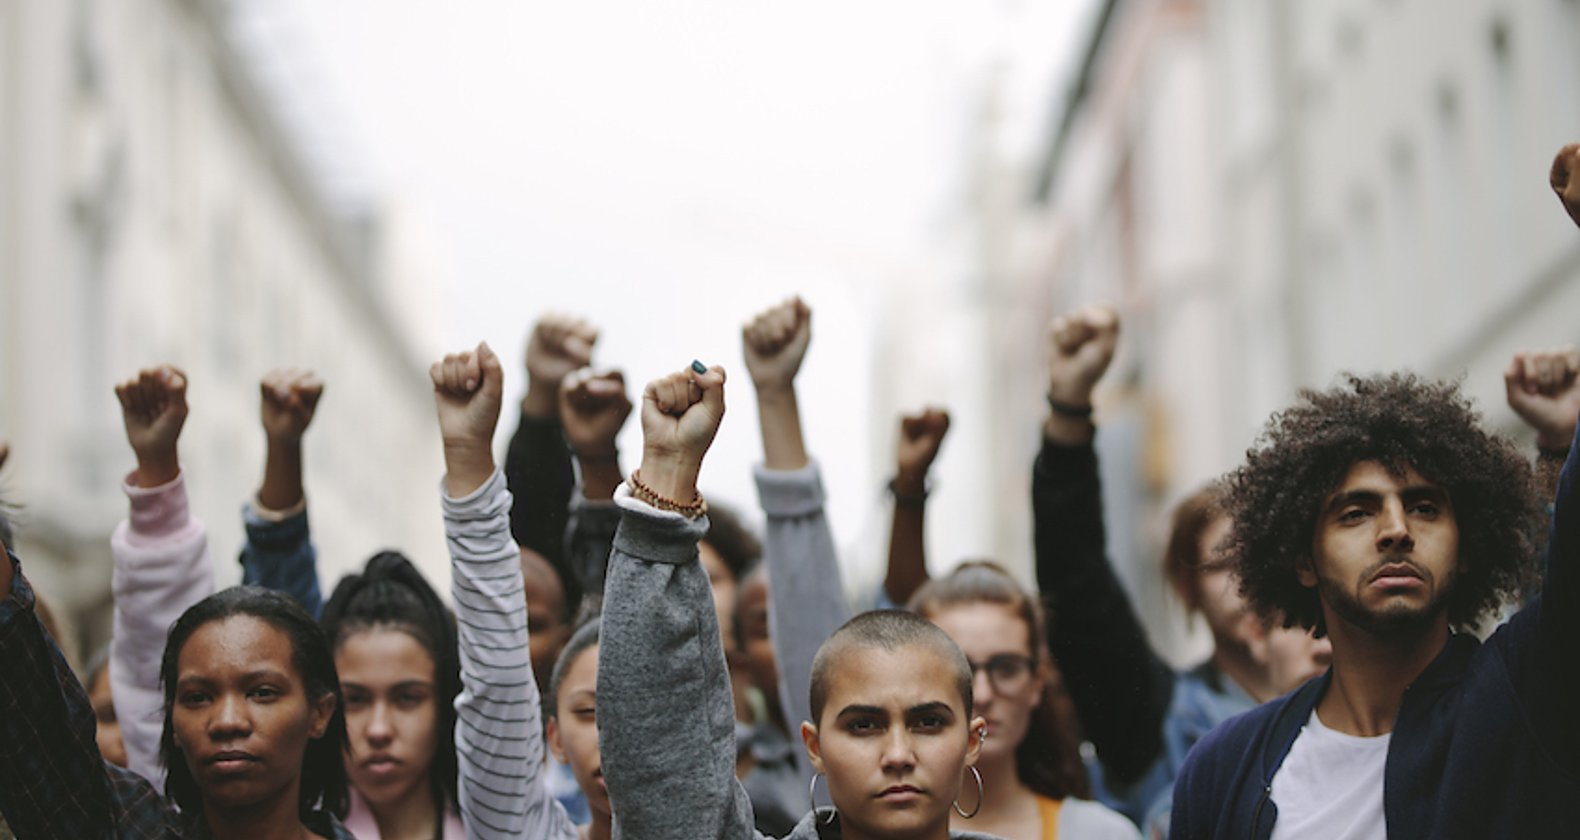 黒人差別の問題|アメリカと日本での差別の歴史と私たちにできることの画像